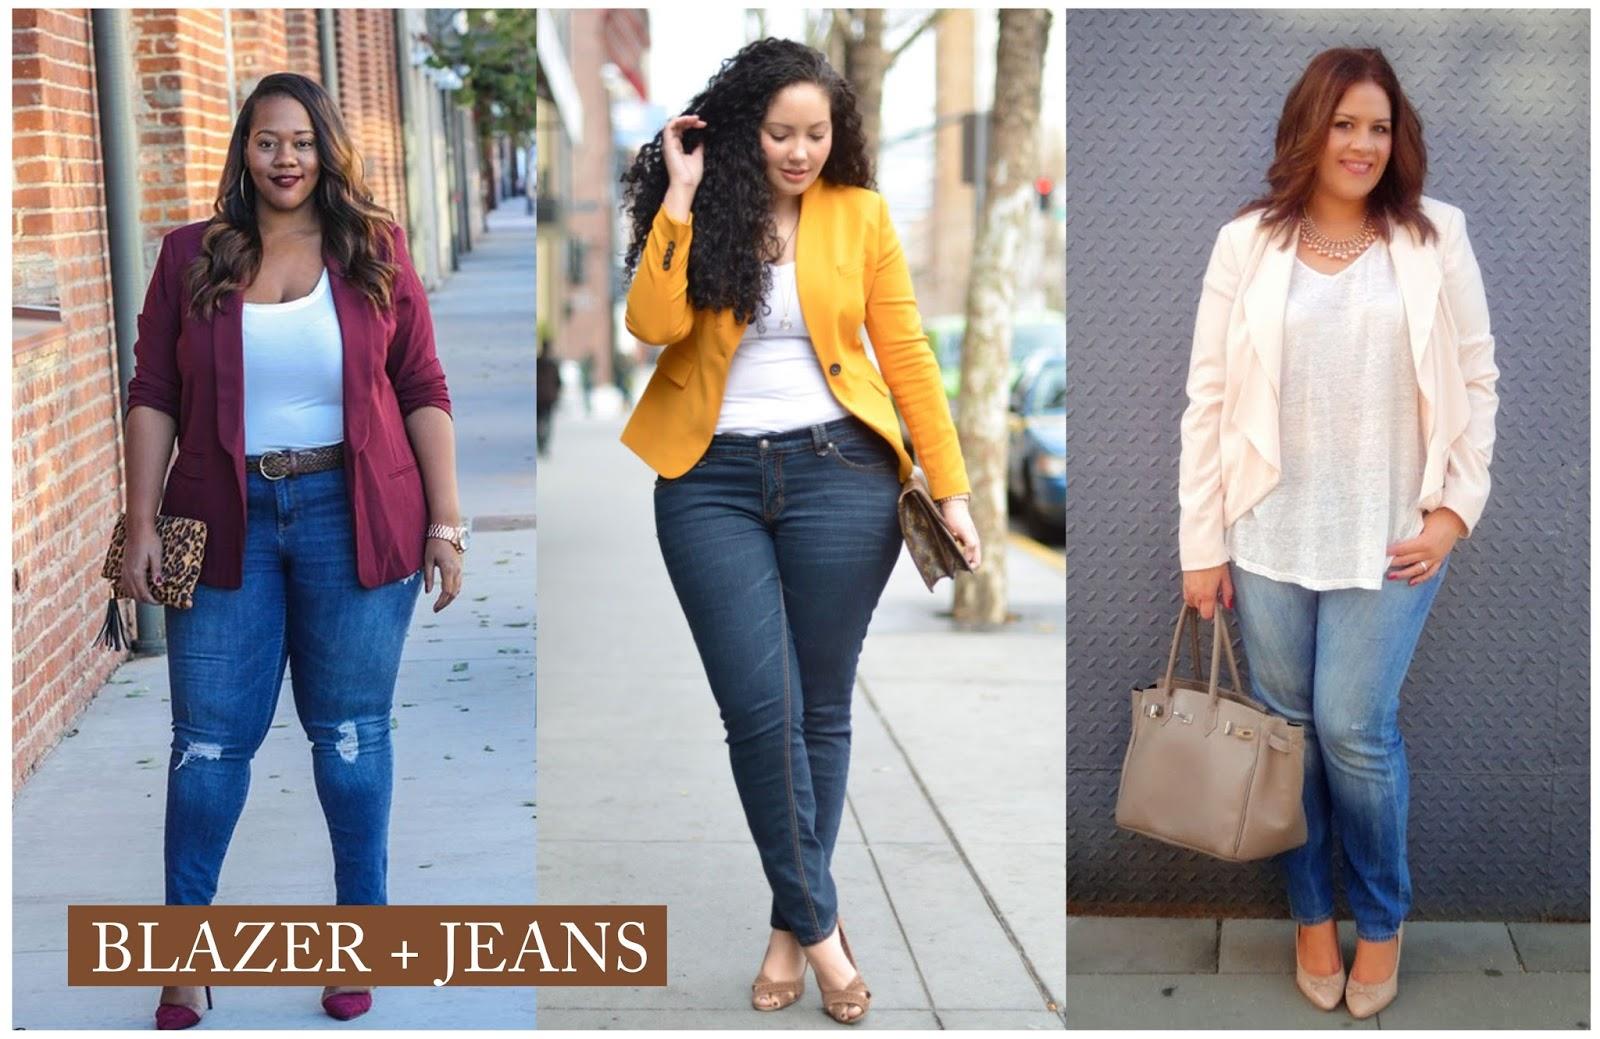 e8a37b737e A dupla calça jeans e blazer é a combinação mais fácil que pode ser feita.  A combinação é certeira e mistura o clássico blazer com o moderno e  despojado do ...